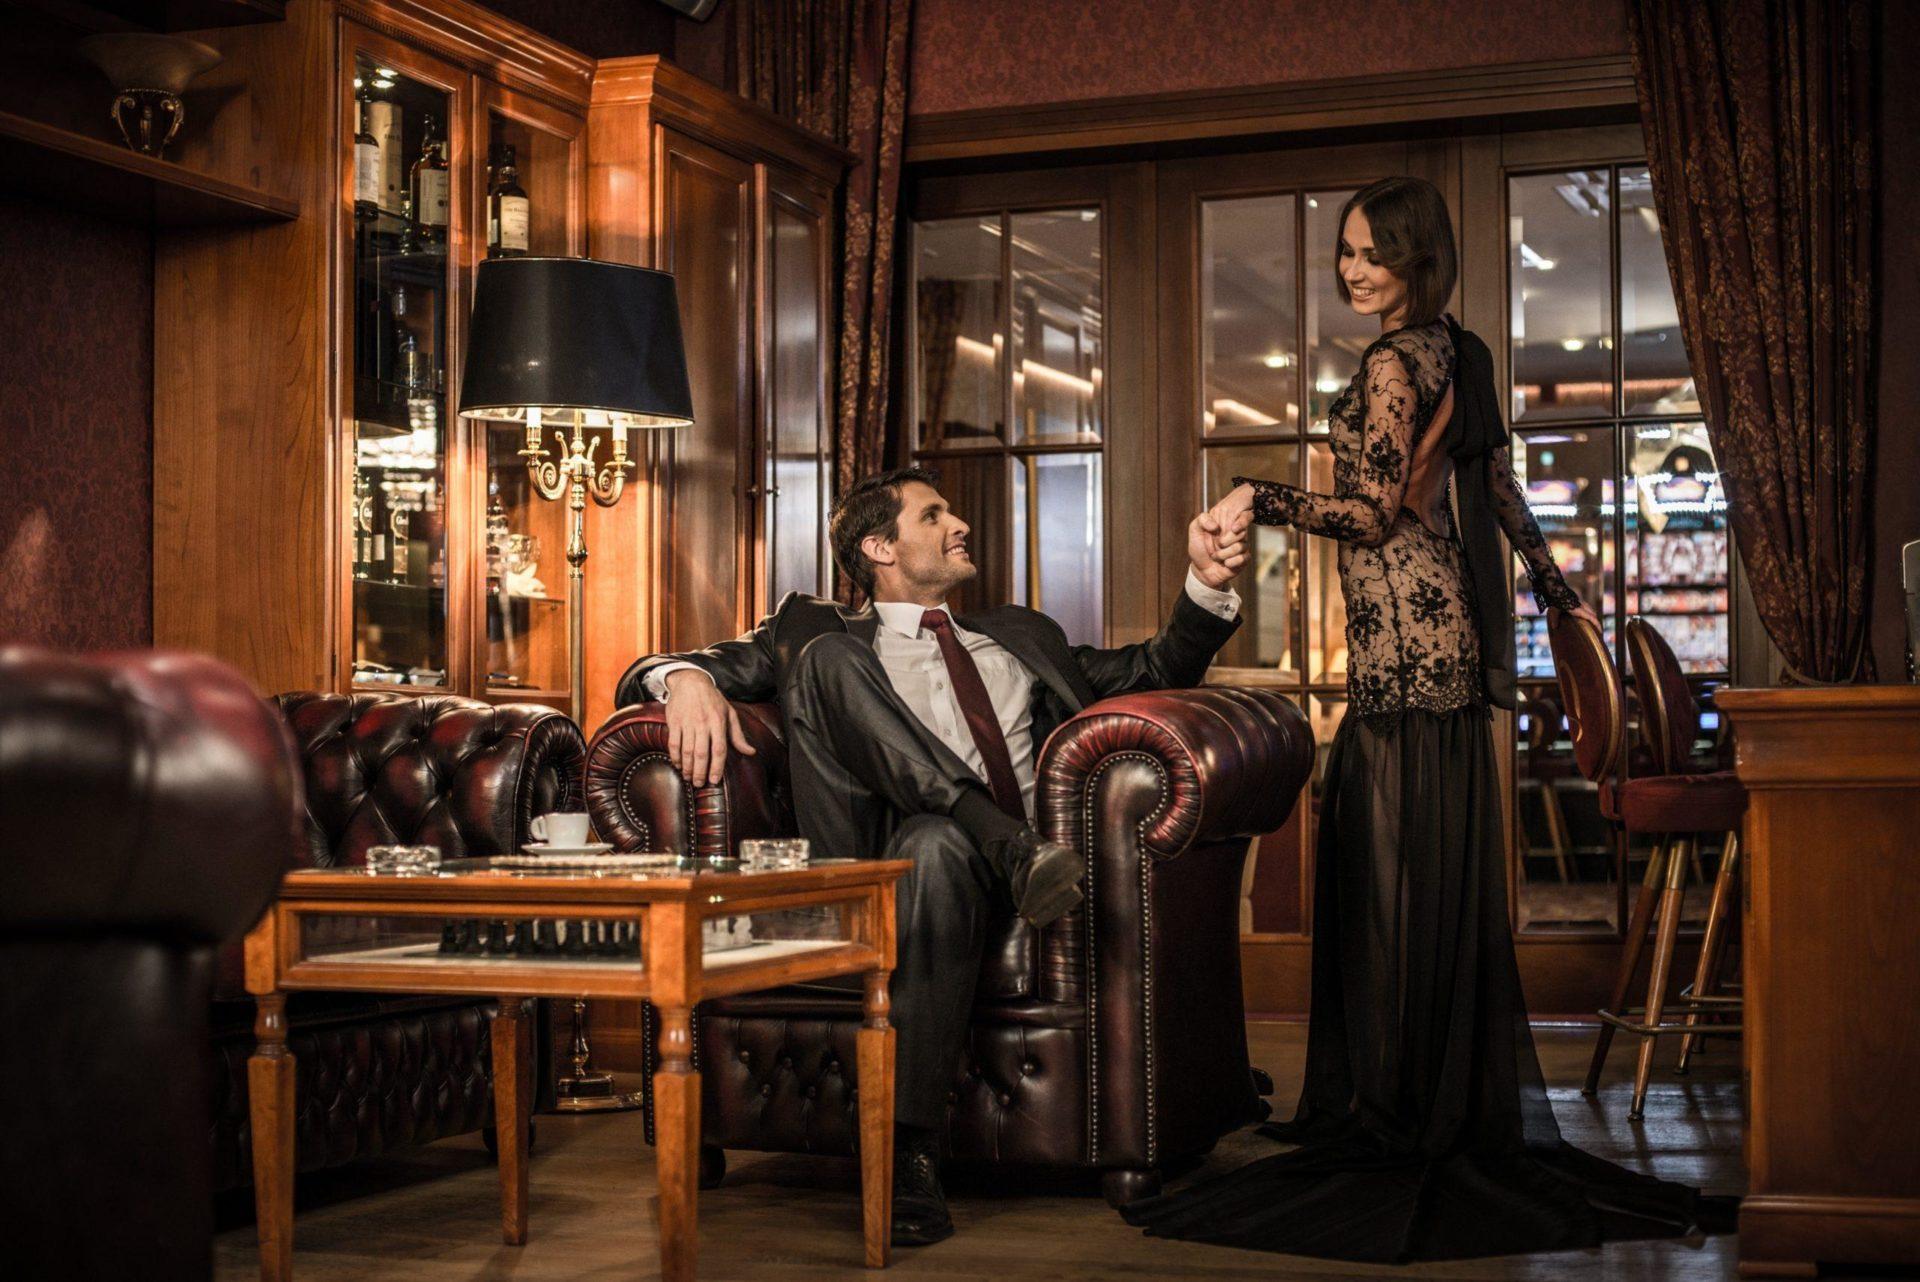 Eine lasziv gekleidete Dame hält einem in einem Sessel sitzenden Mann die Hand.